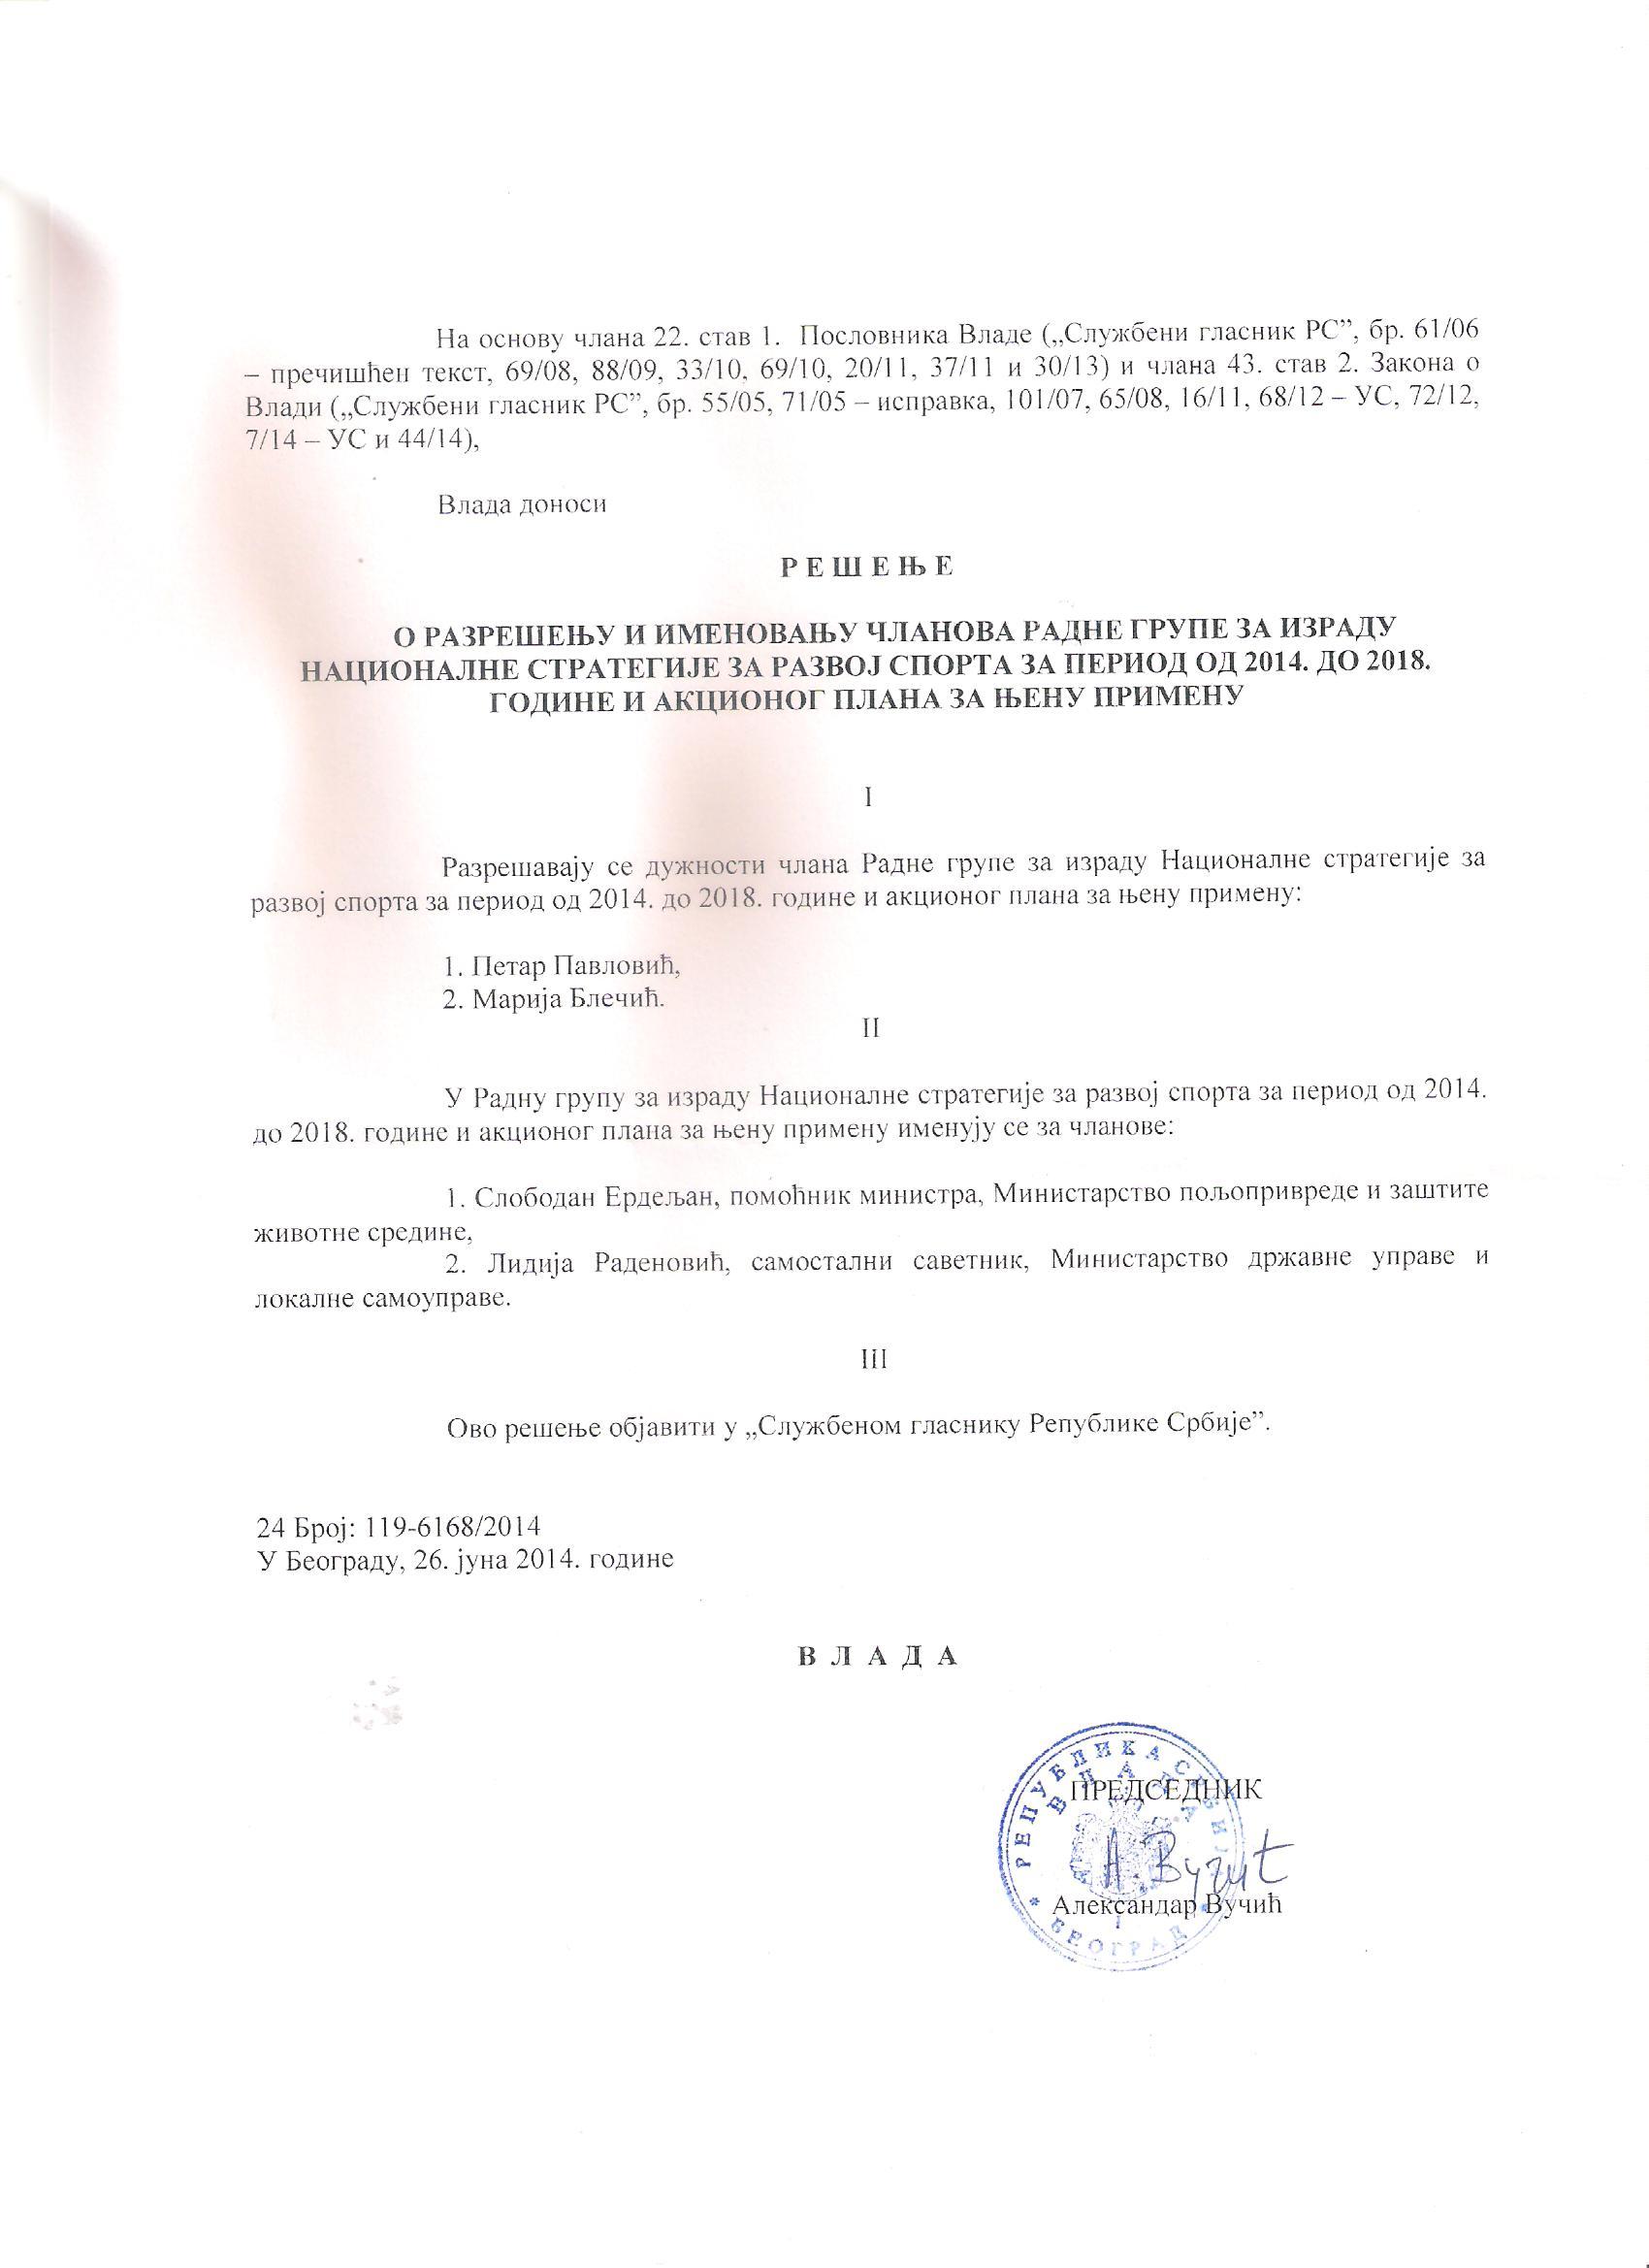 Јавна расправа о предлогу Националне стратегије за развој спорта за период 2014. - 2018. године и Aкционог плана за њену примену